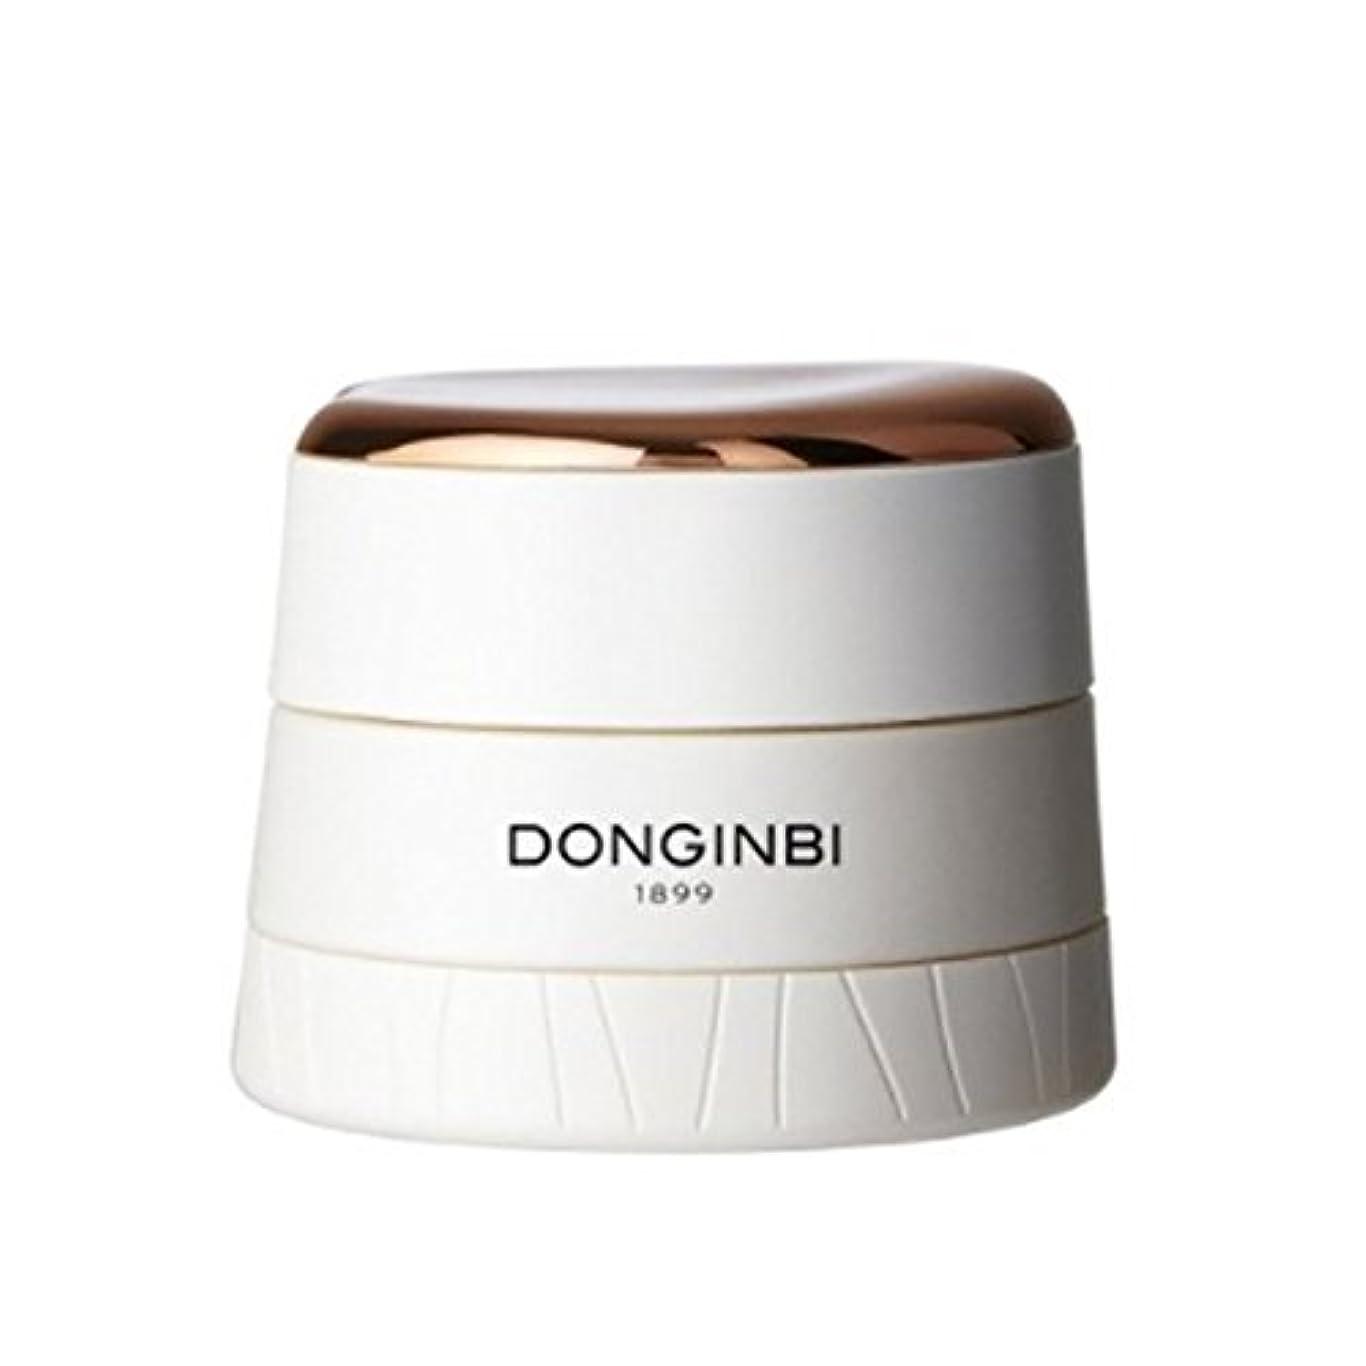 どこか圧縮浜辺[ドンインビ]DONGINBI ドンインビユン クリーム60ml 海外直送品 cream 60ml [並行輸入品]